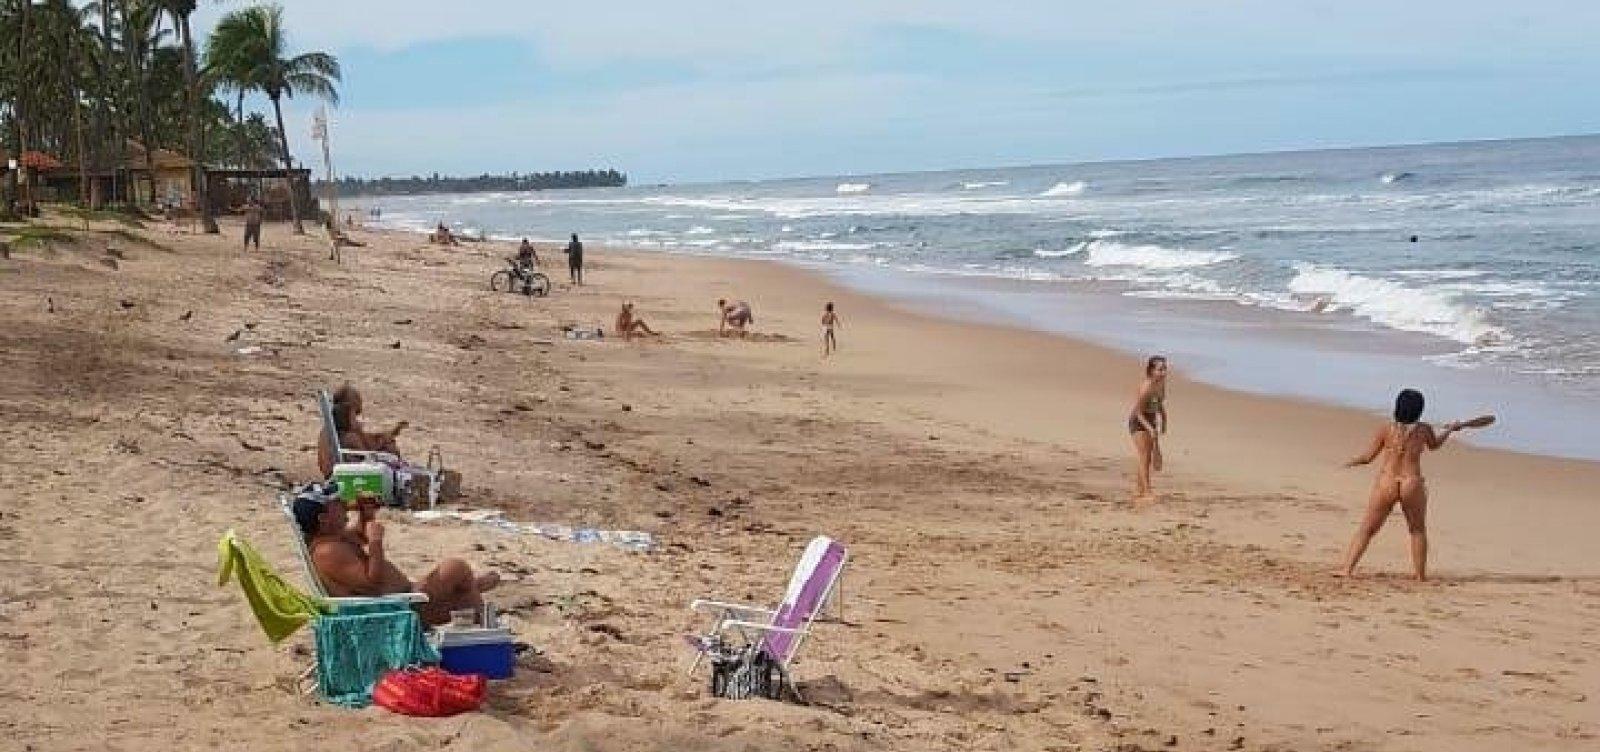 [Banhistas são flagrados em praia de Vilas, interditada desde 19 de março]